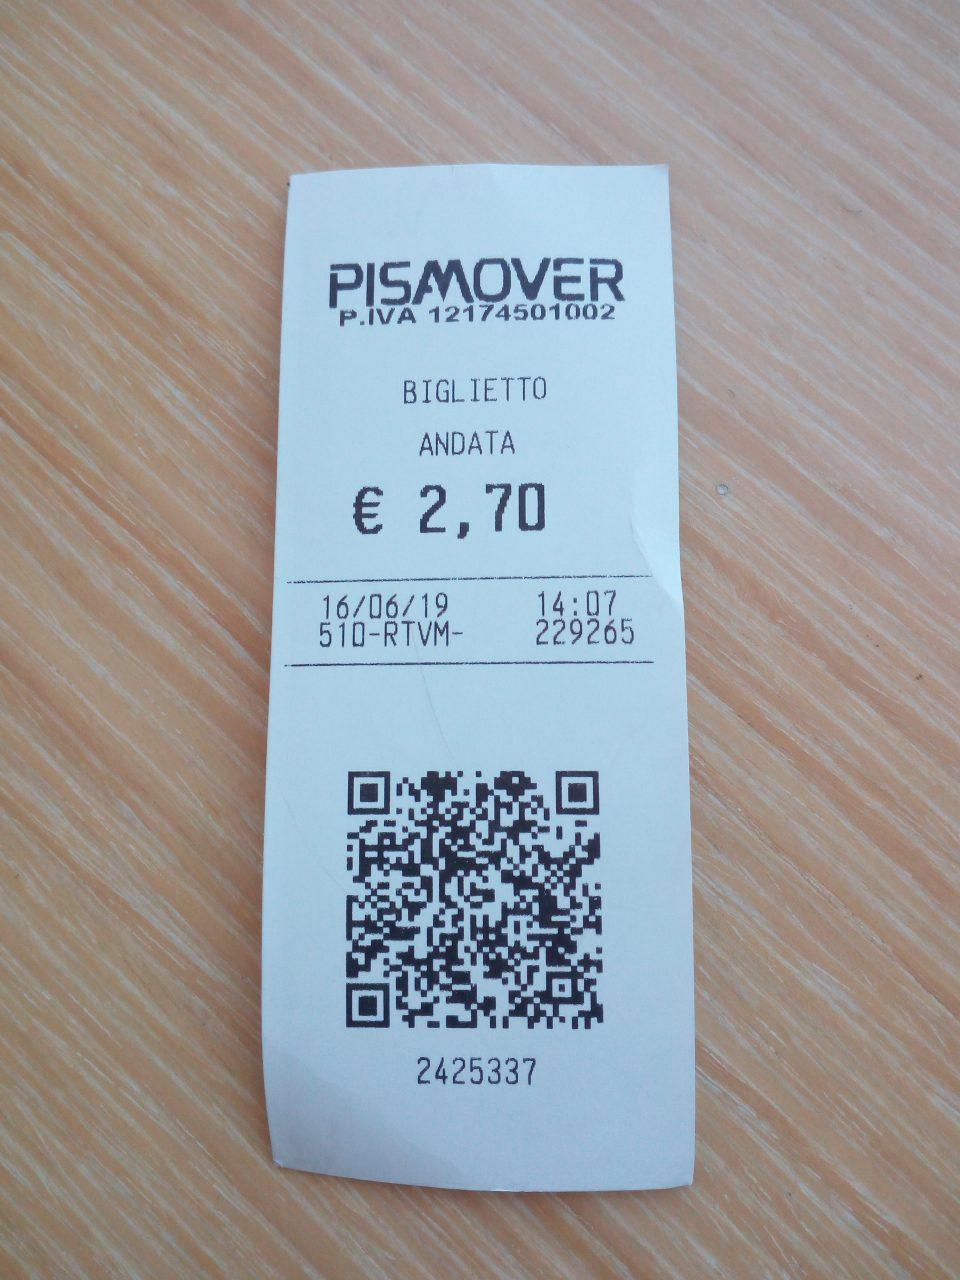 Biglietto Pisa Mover